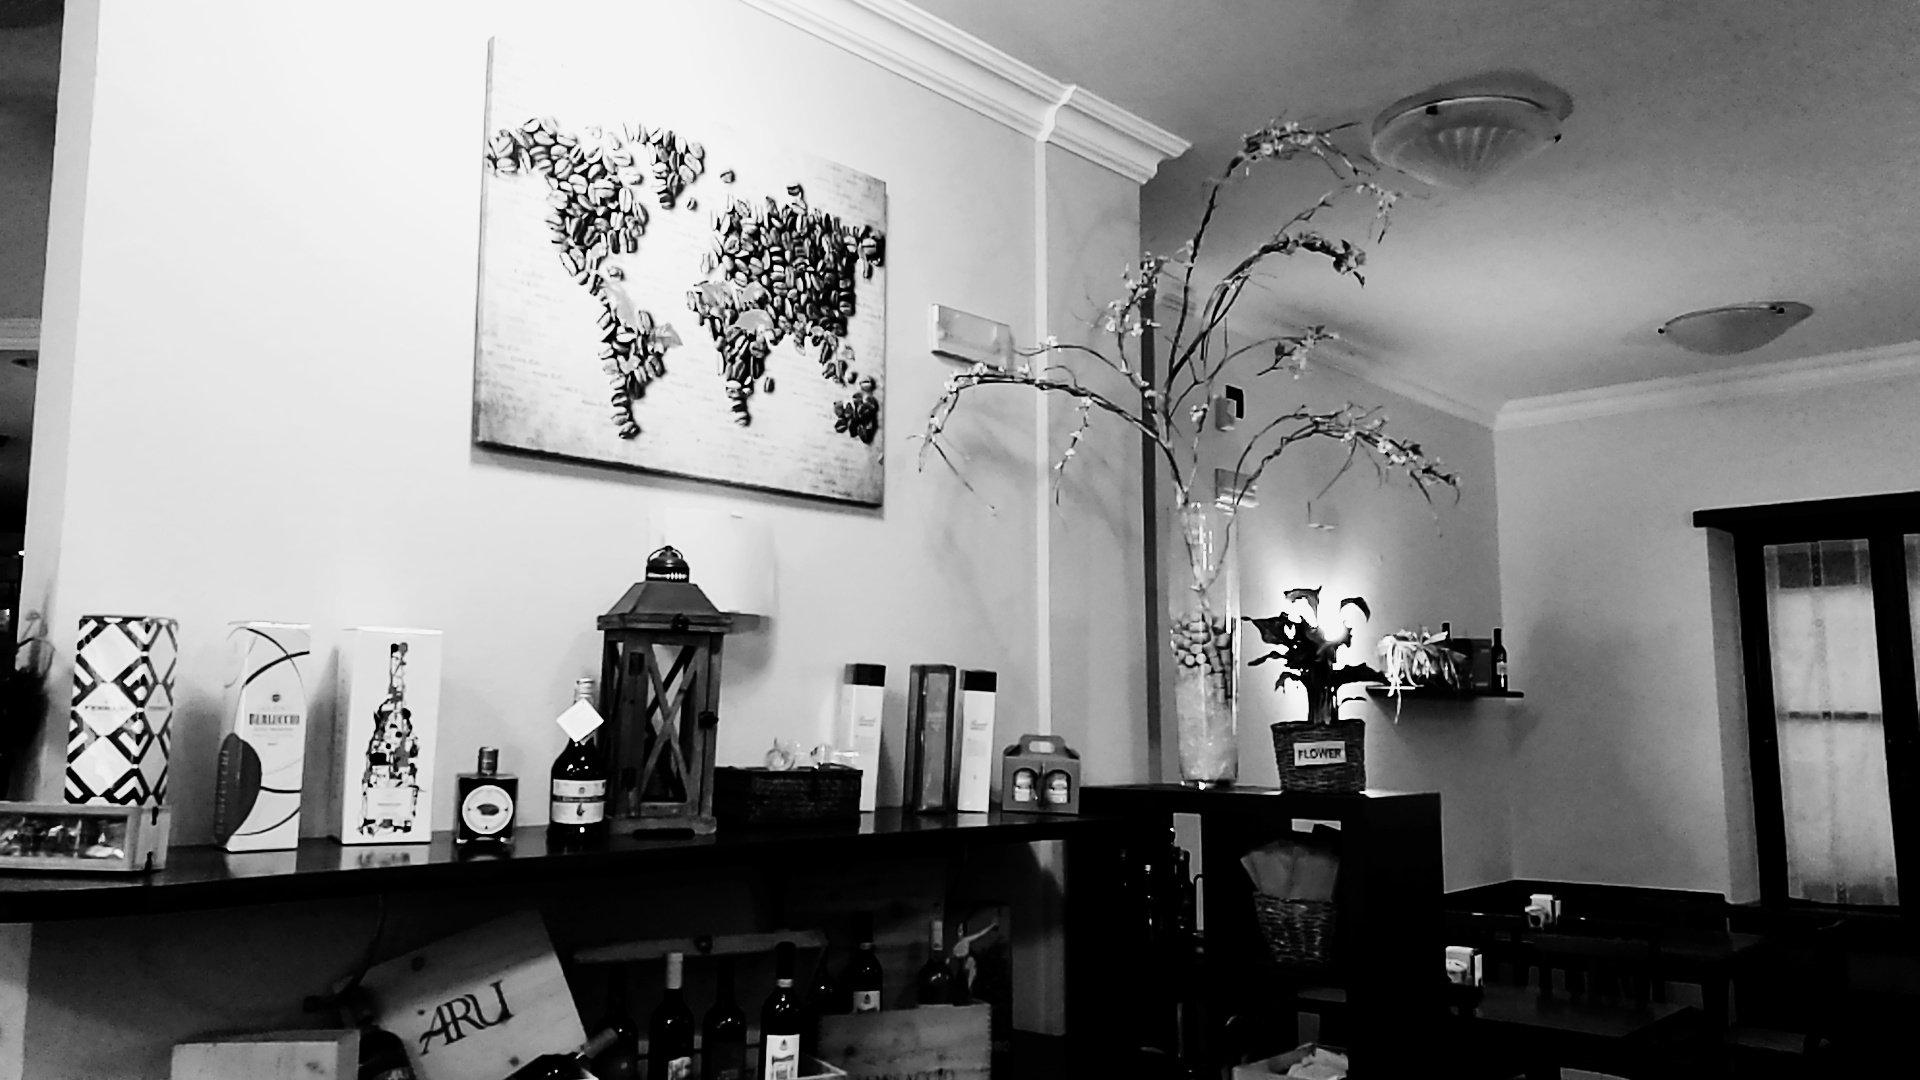 Ristorante Bar Caffè Saluzzo